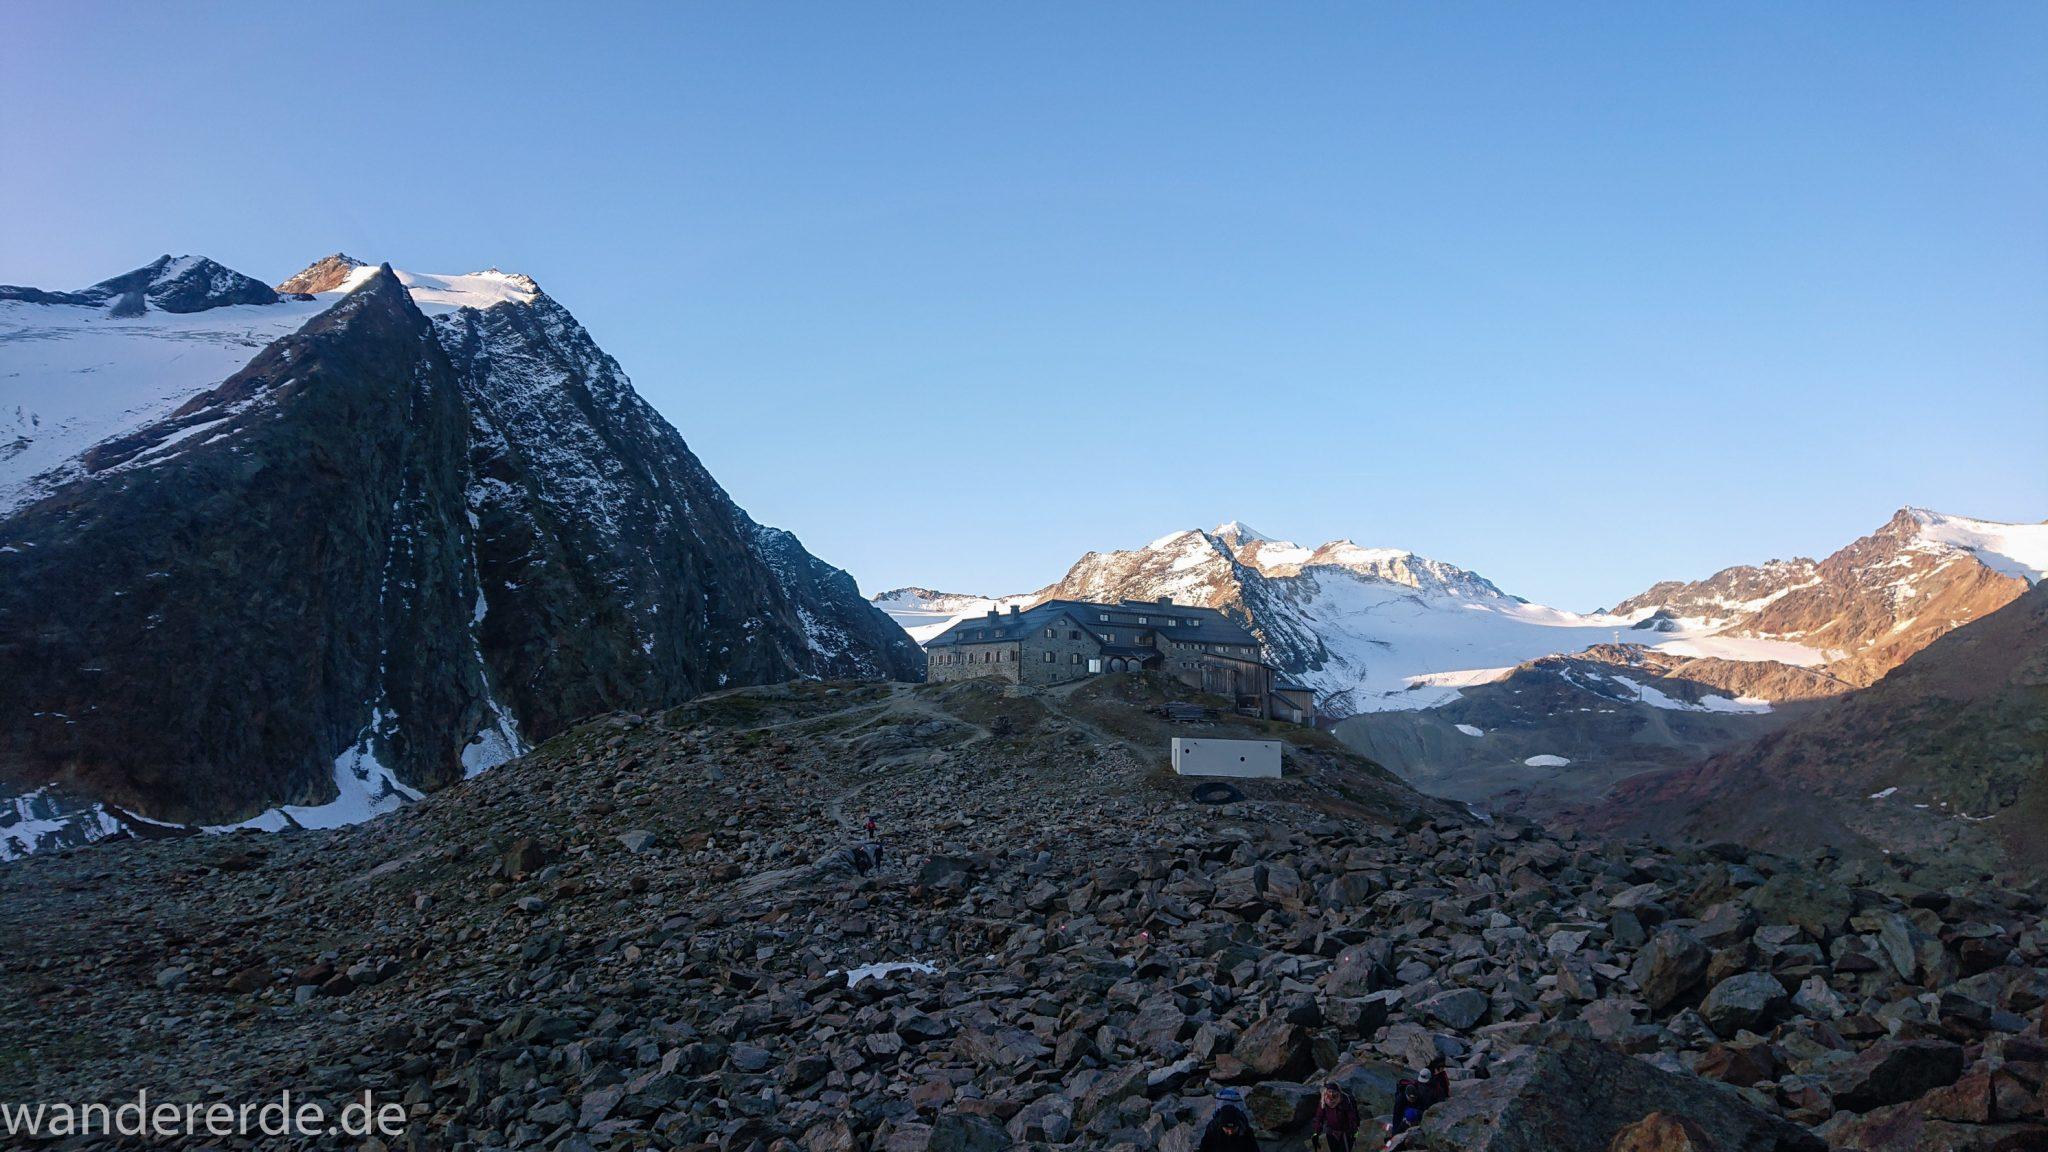 Alpenüberquerung Fernwanderweg E5 Oberstdorf Meran, 5. Etappe von Braunschweiger Hütte zur Martin-Busch-Hütte, zu Beginn der 5. Etappe Blick zurück auf die Braunschweiger Hütte und die umliegenden Berge der Alpen, danach steiler und schmaler Wanderweg mit viel Geröll hinauf zum Pitztaler Jöchl, beeindruckende Berge türmen sich vor einem auf, Reste von Schneefeldern